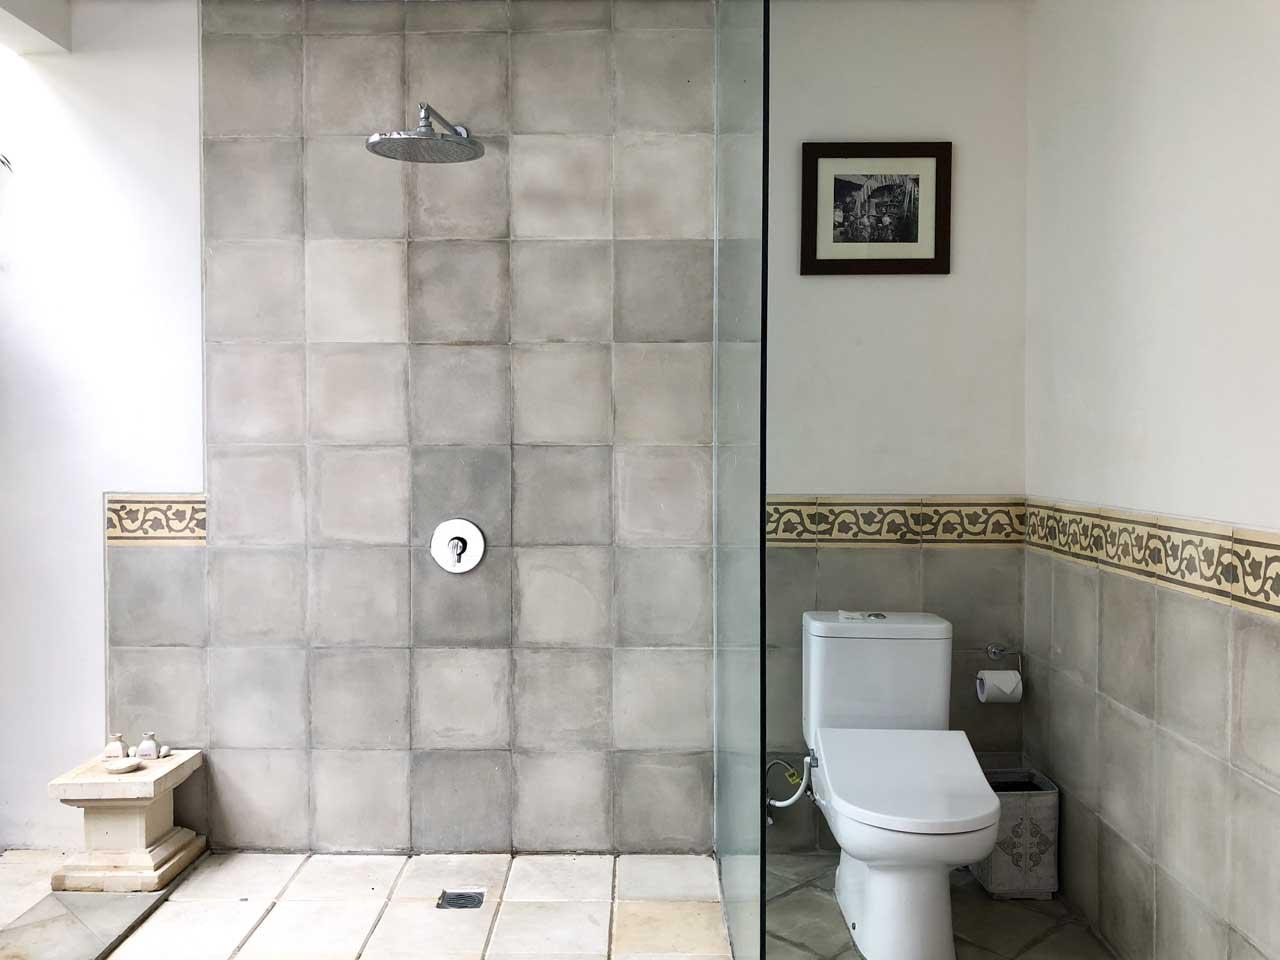 Ducha do banheiro do Desa Visesa